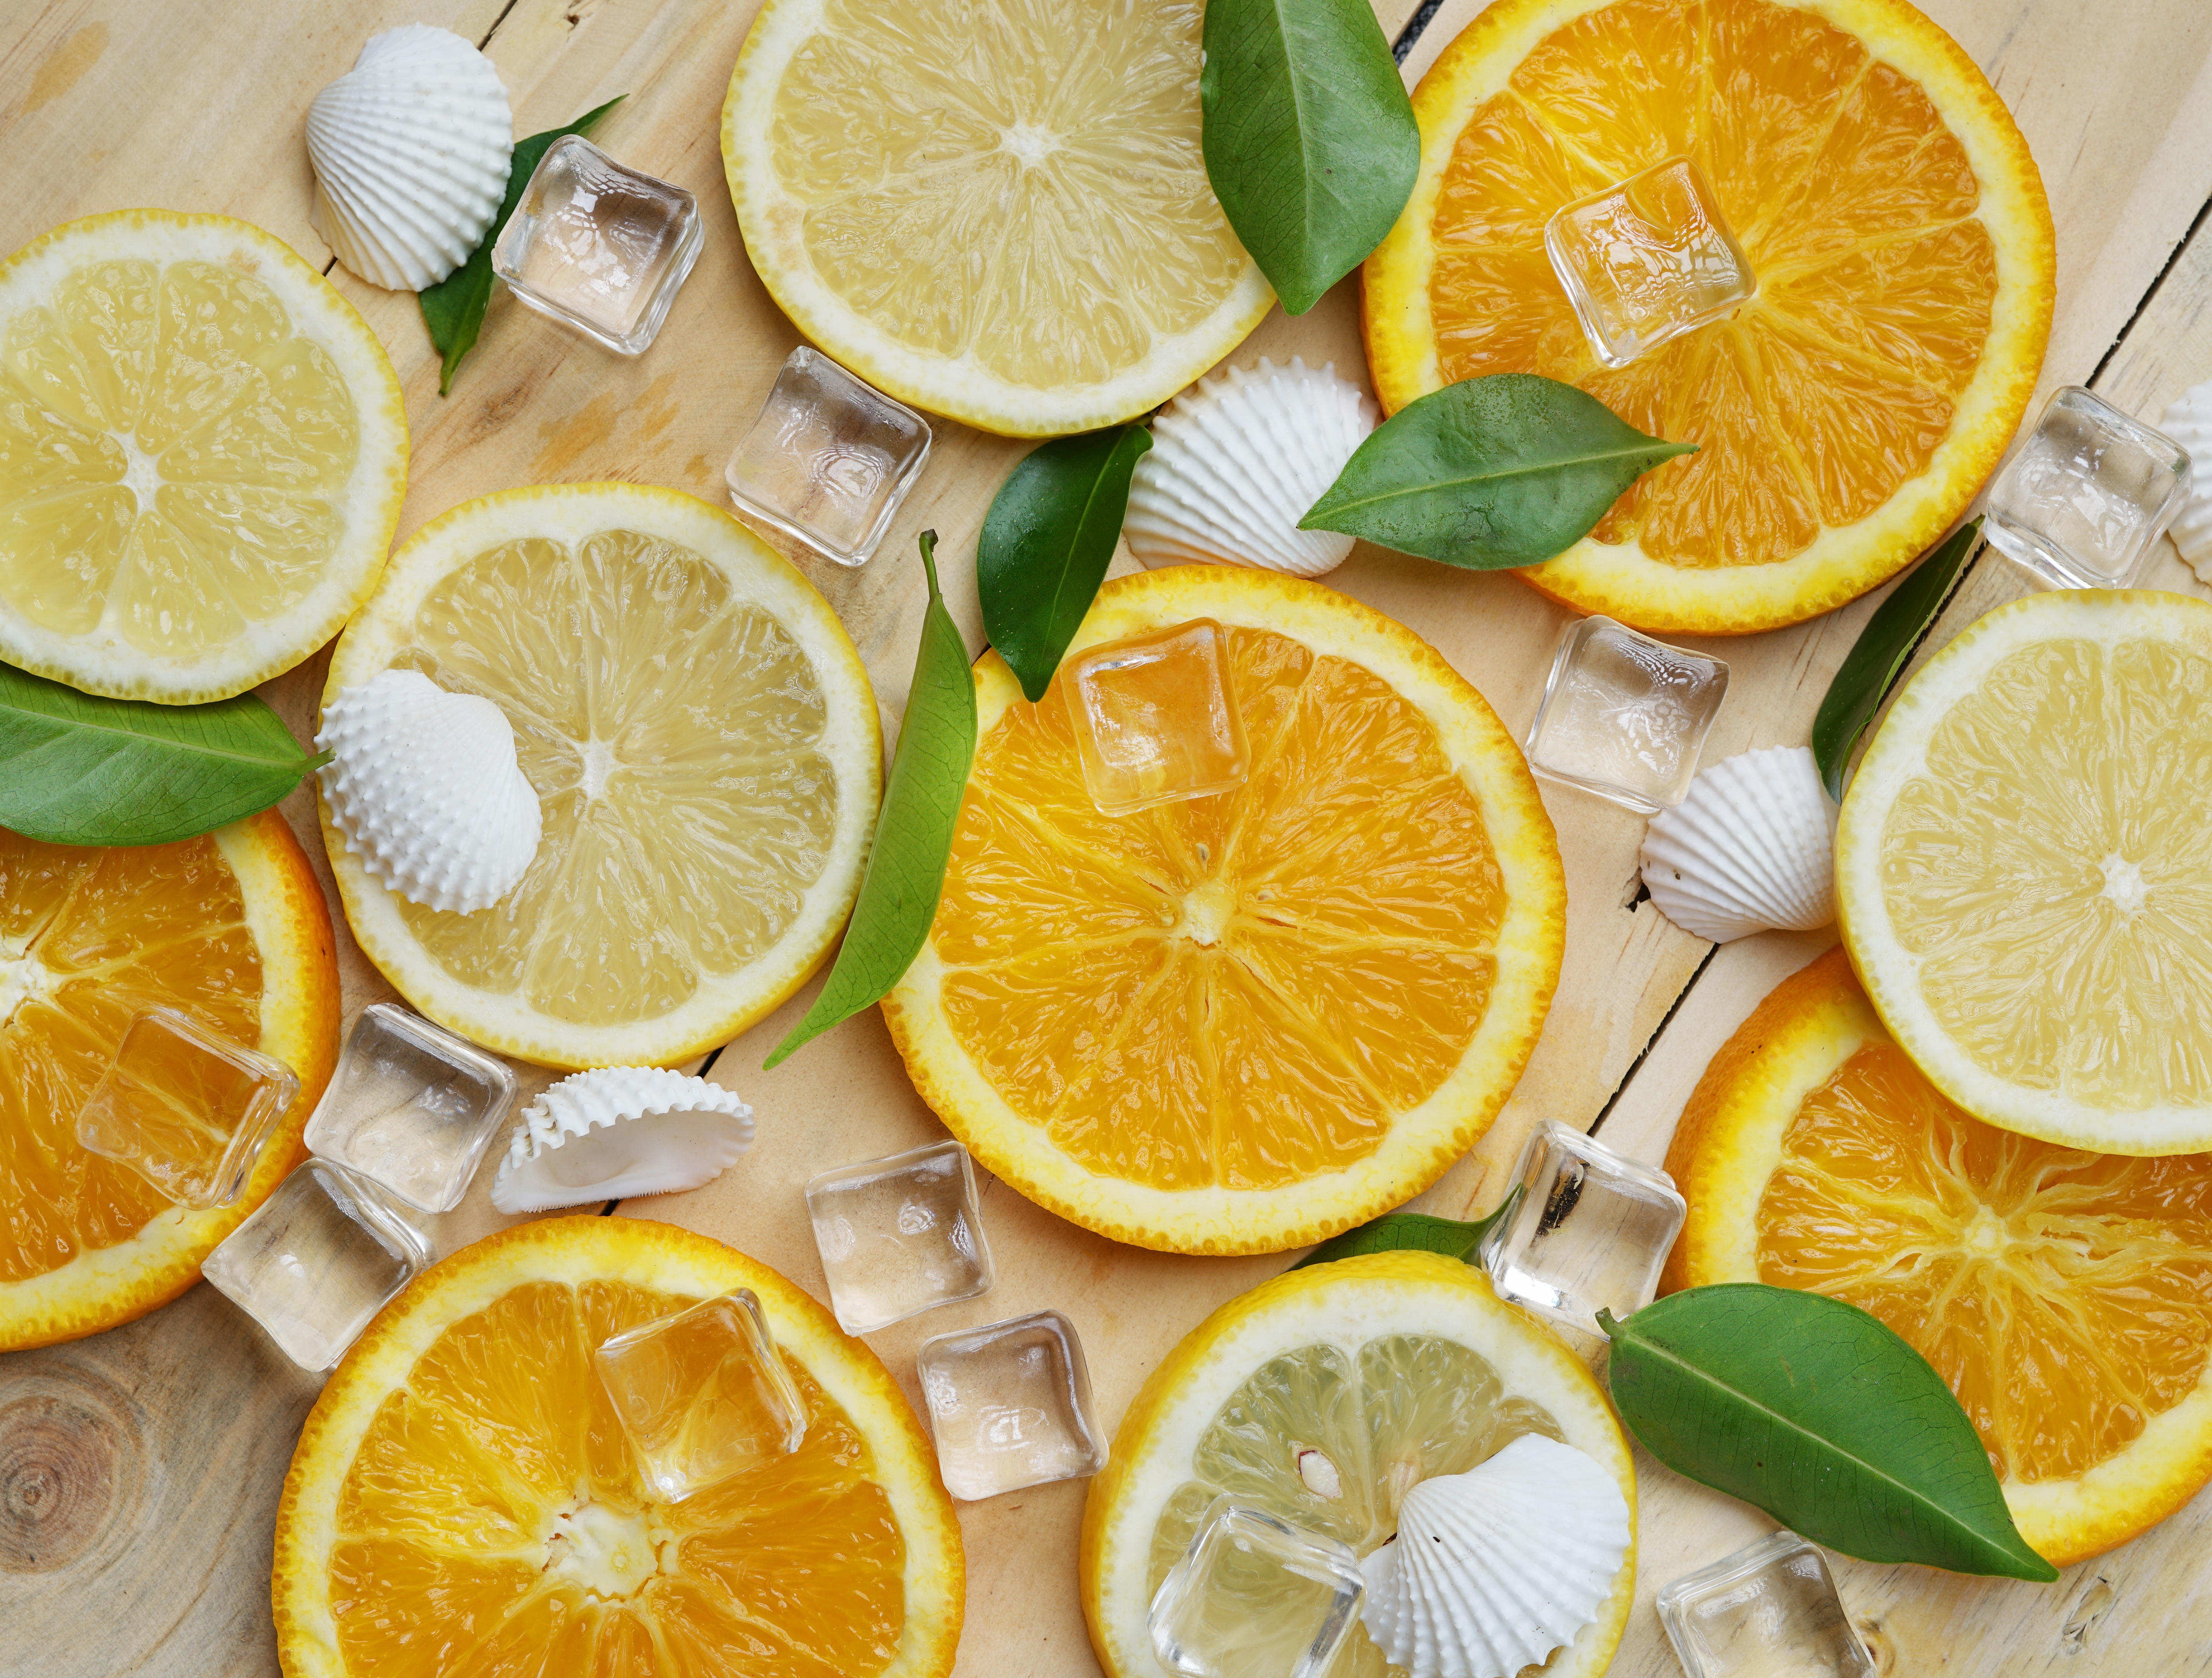 Картинка: Лимон, апельсин, дольки, лёд, ракушки